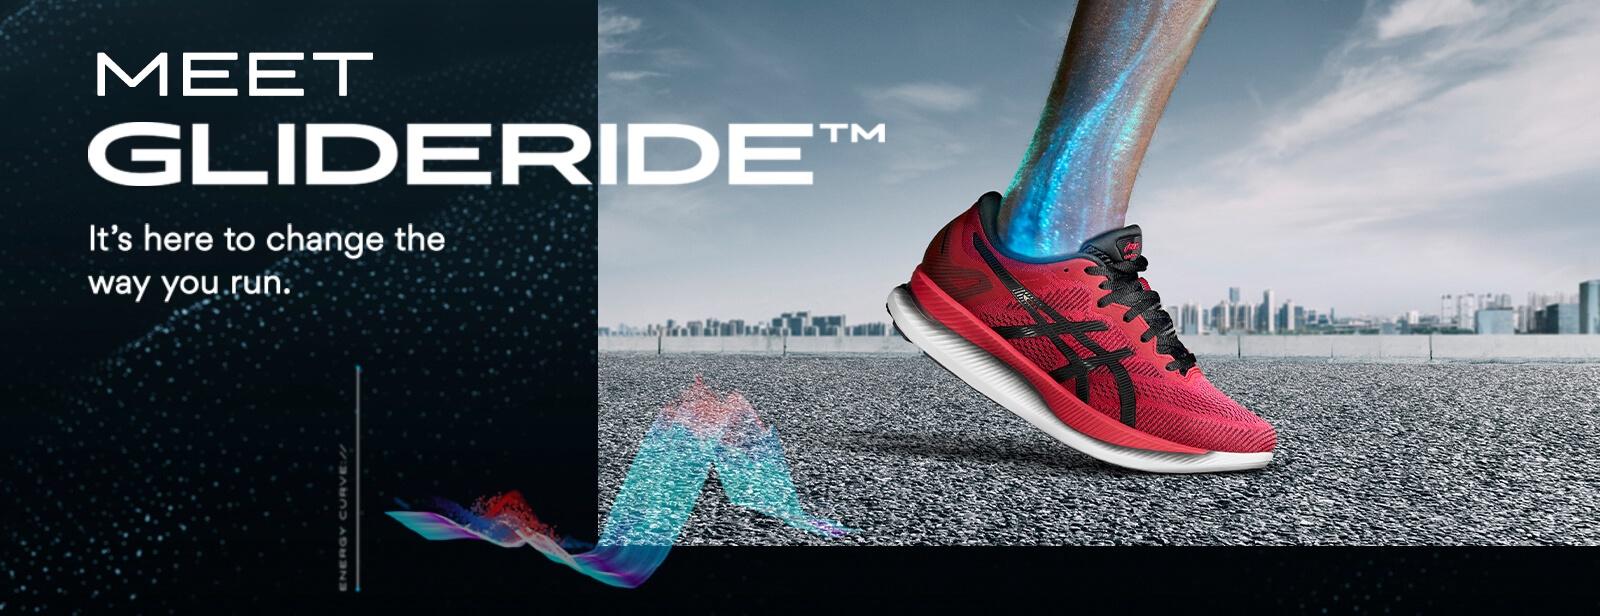 ASICS Singapore | Official Running Schoenen & Clothing